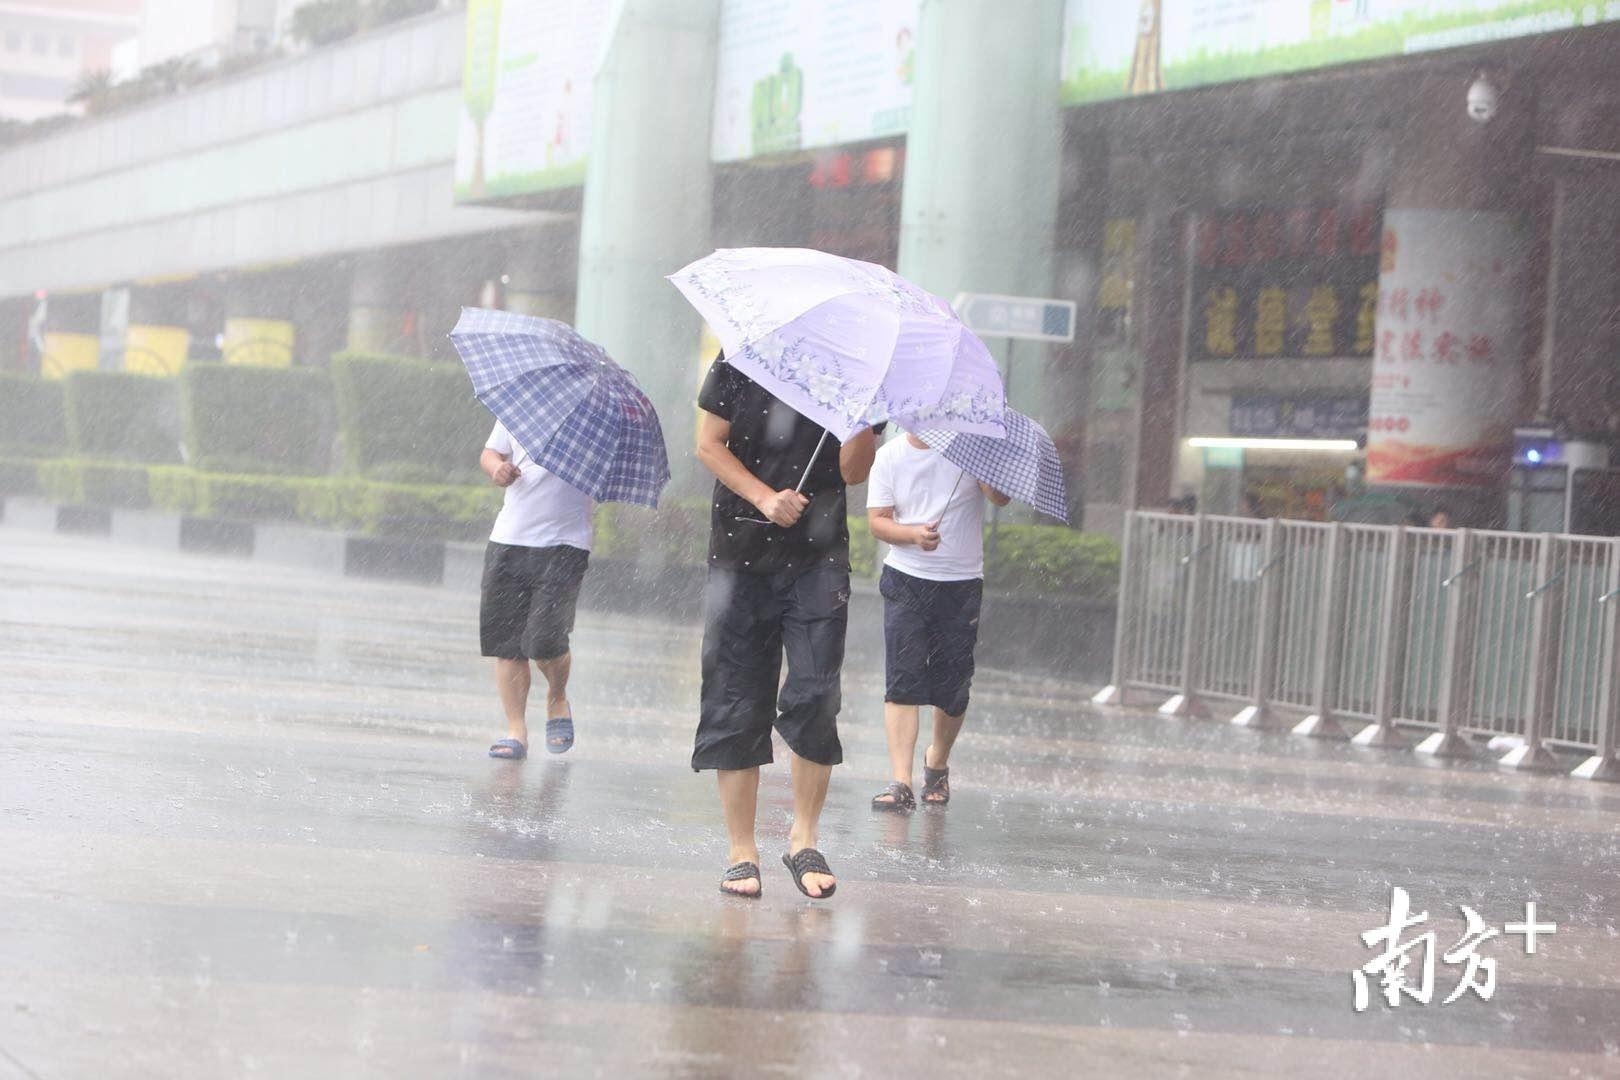 雨大到我看你不见!深圳雨势渐大,出门寸步难行